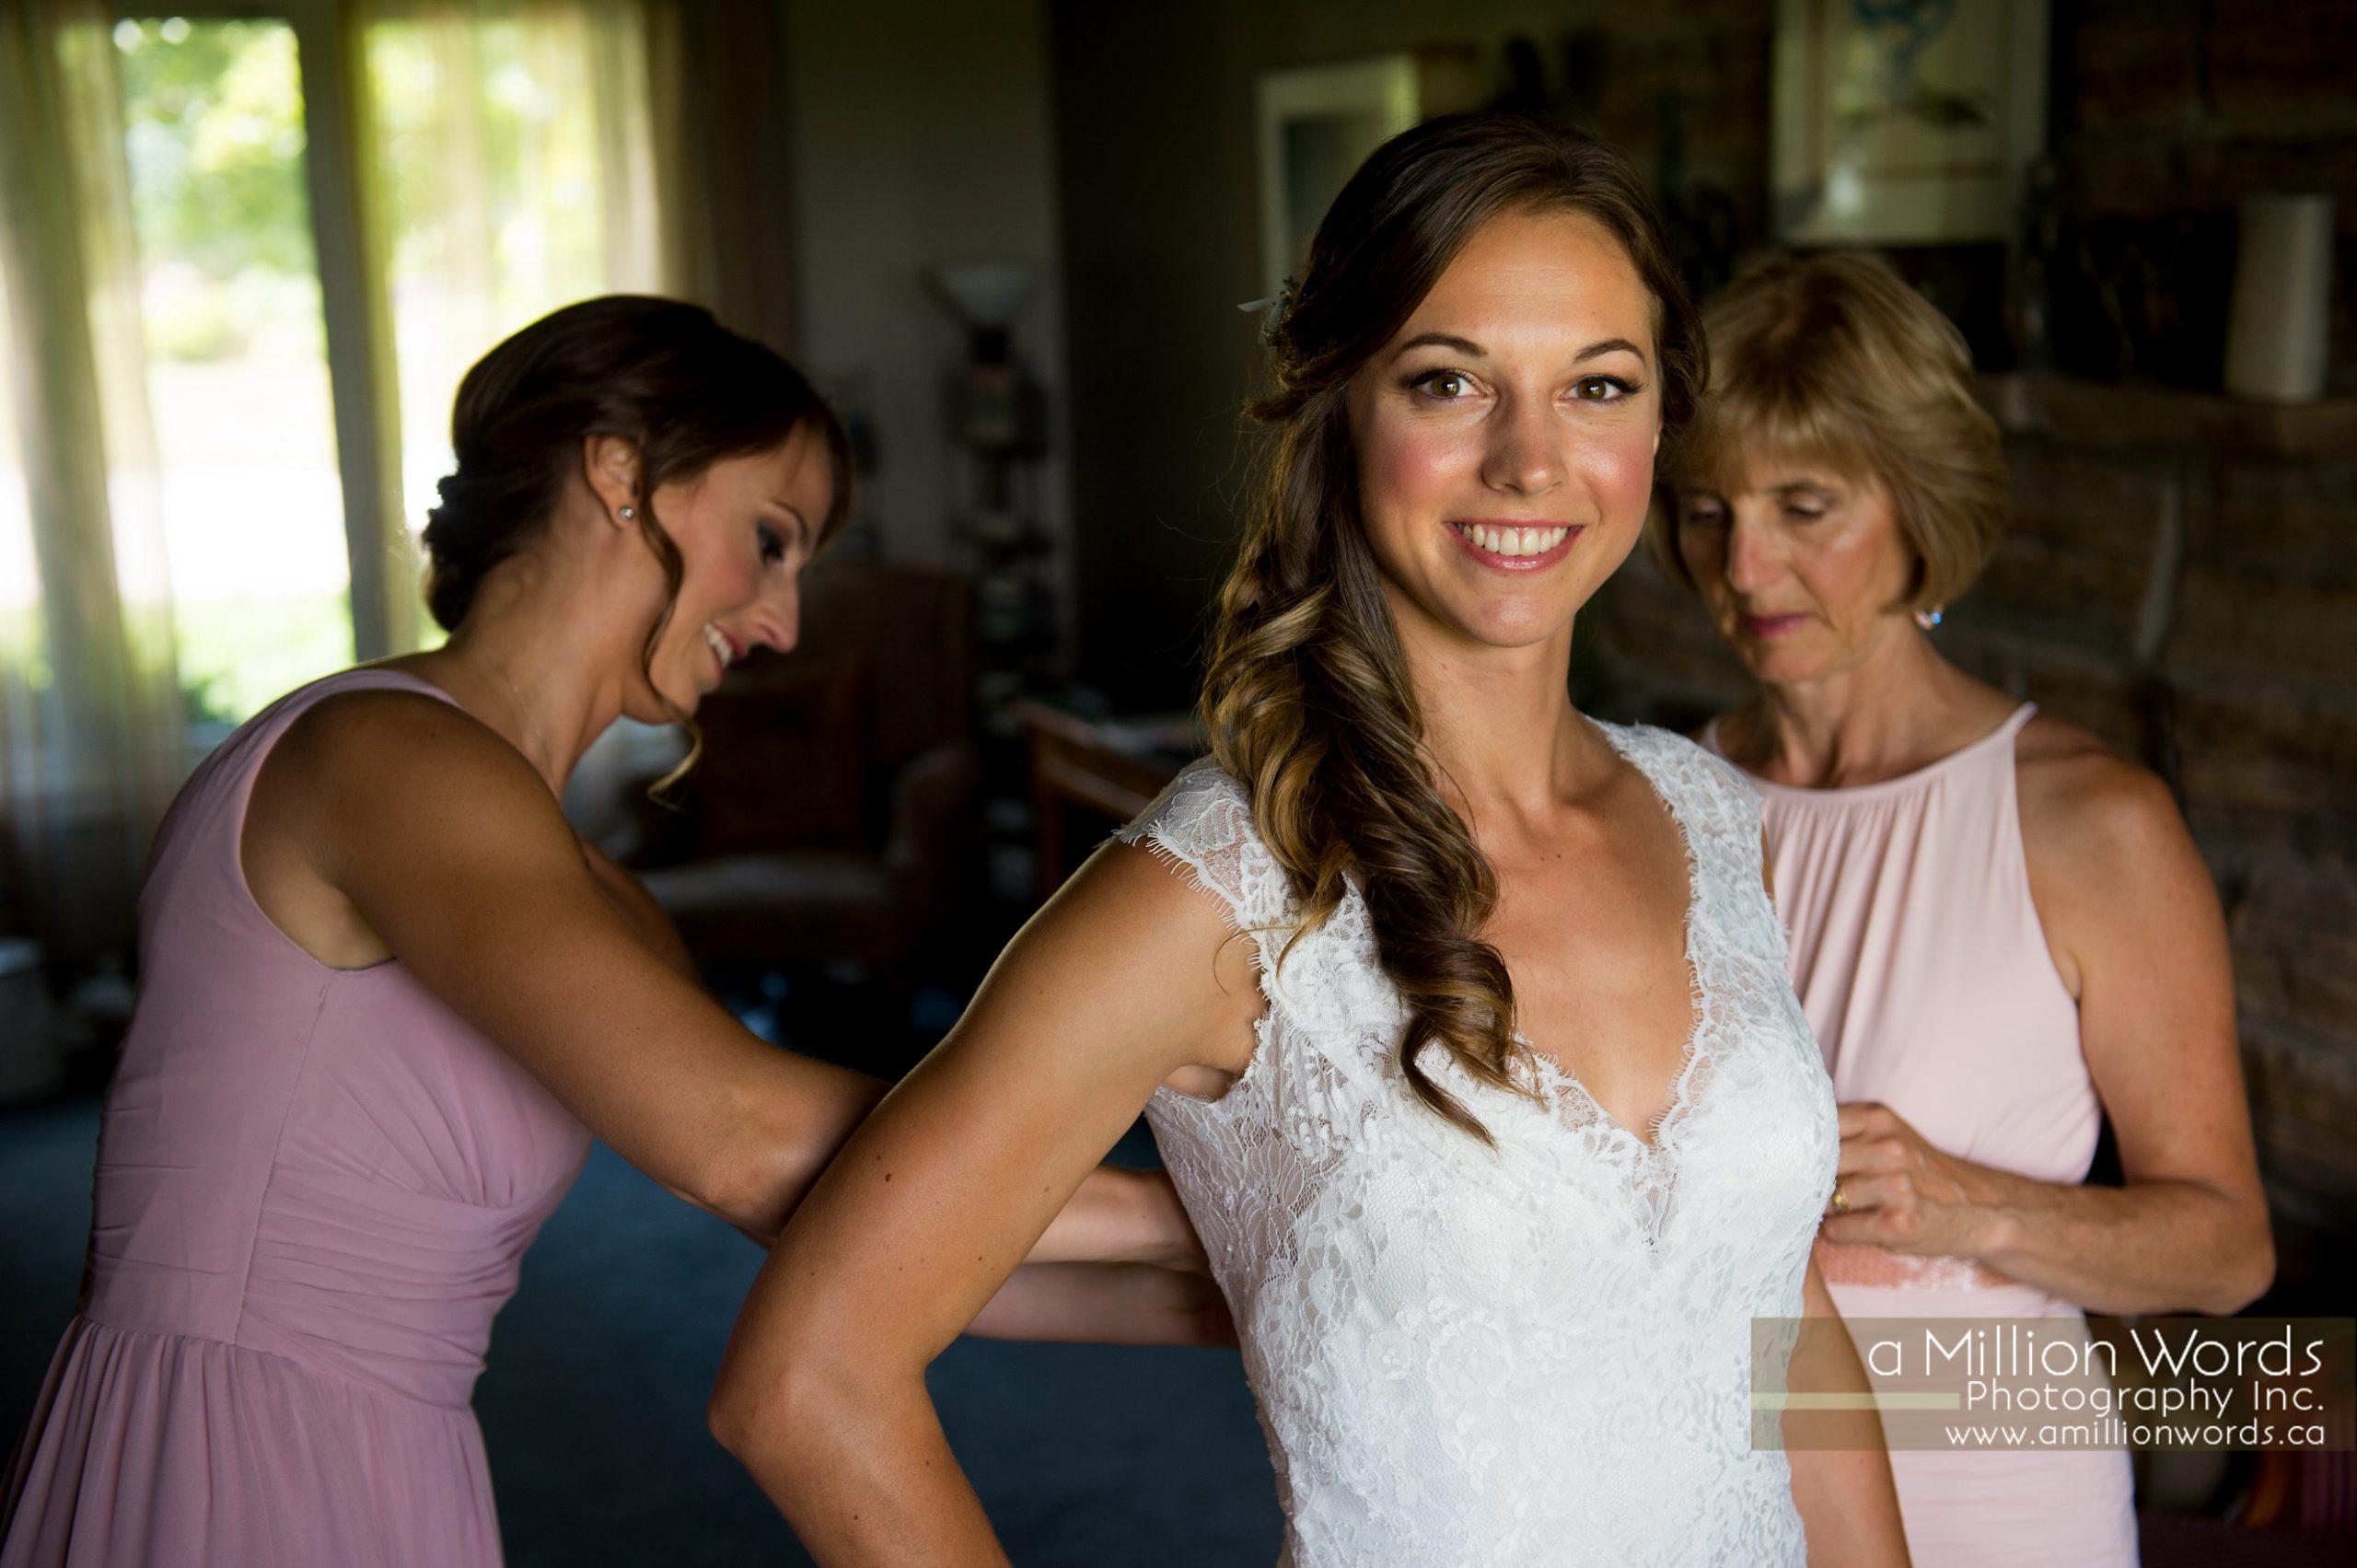 kw_wedding_photography15